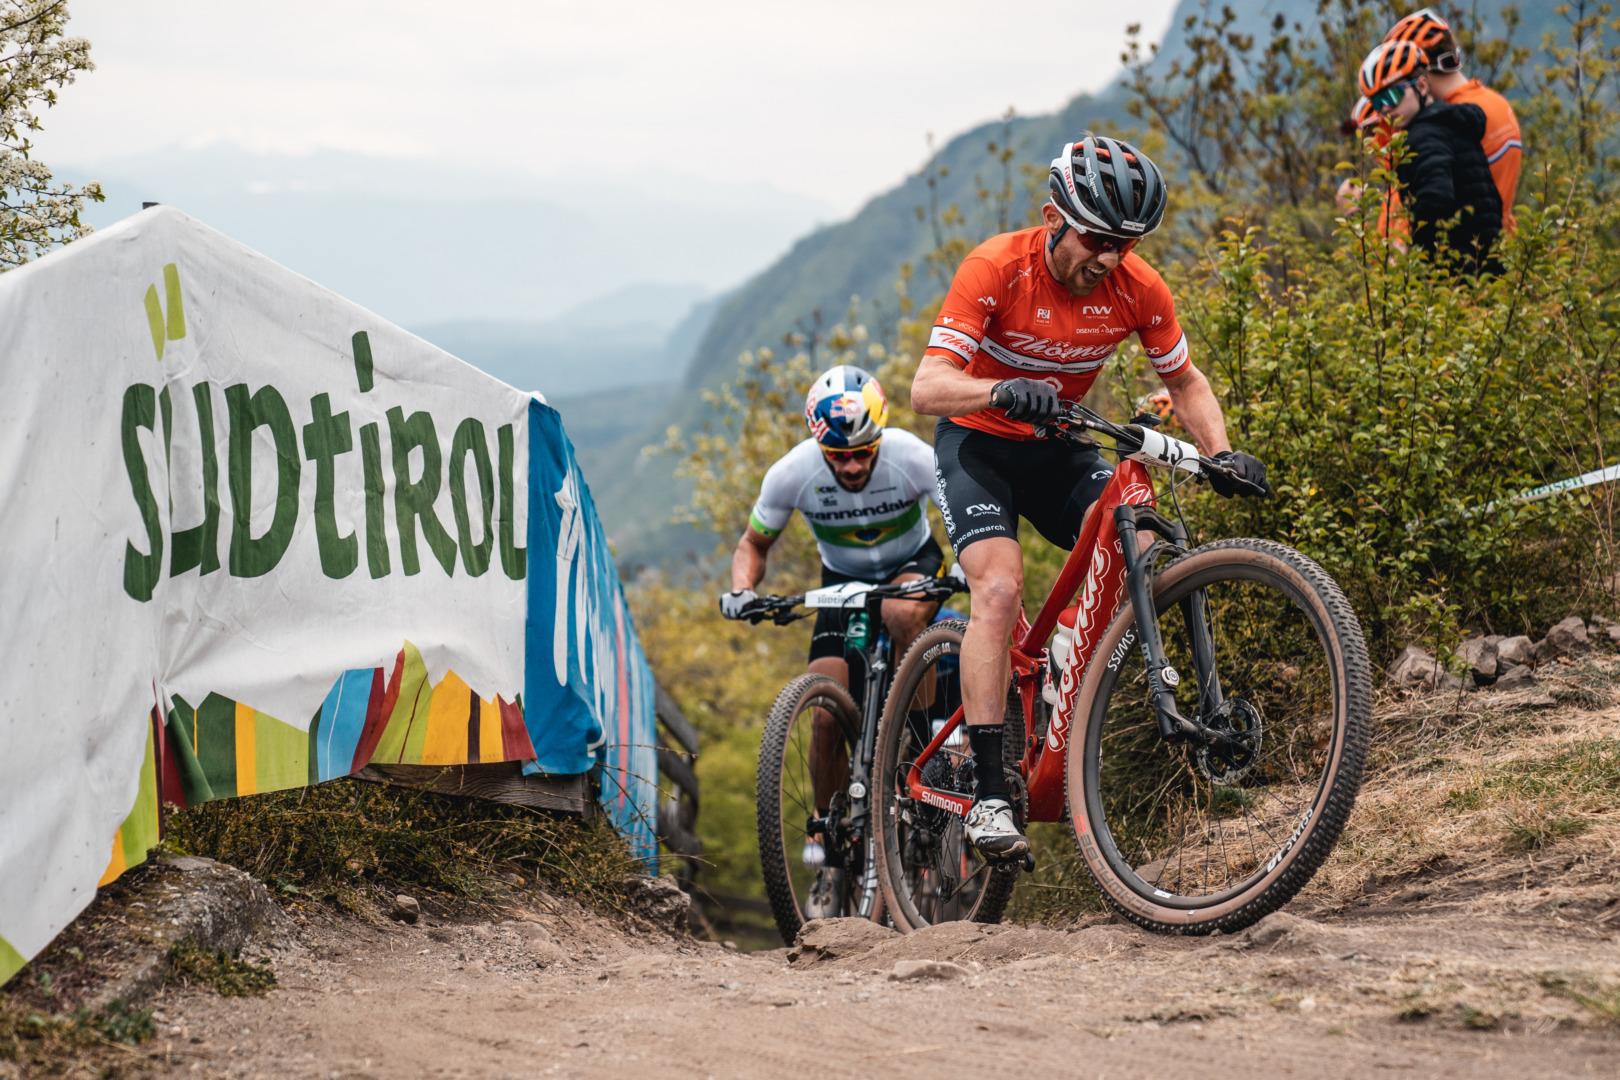 Lecomte demoluje, Flückiger ogrywa N1NO w Nals. Wawak jedenasty!   Marlene Südtirol Sunshine Race, Internazionali d'Italia Series, Nals, Włochy